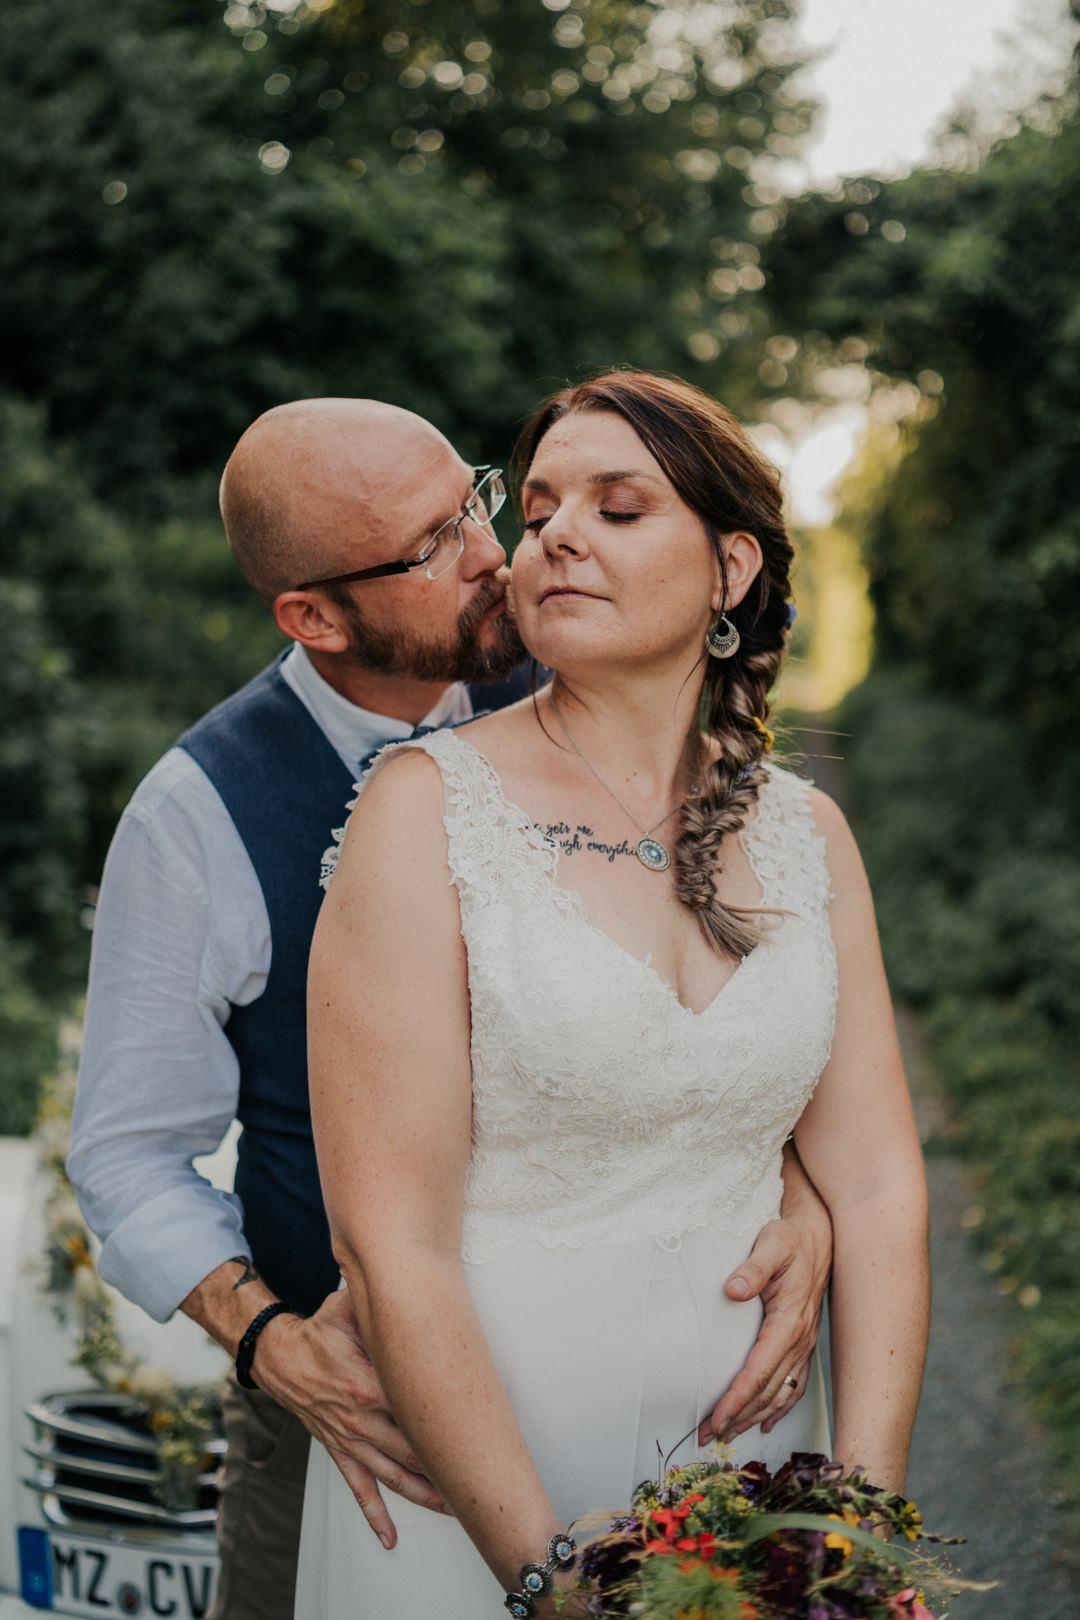 Hochzeitsfotograf für natürliche Hochzeitsbilder in Limburg und Umgebung